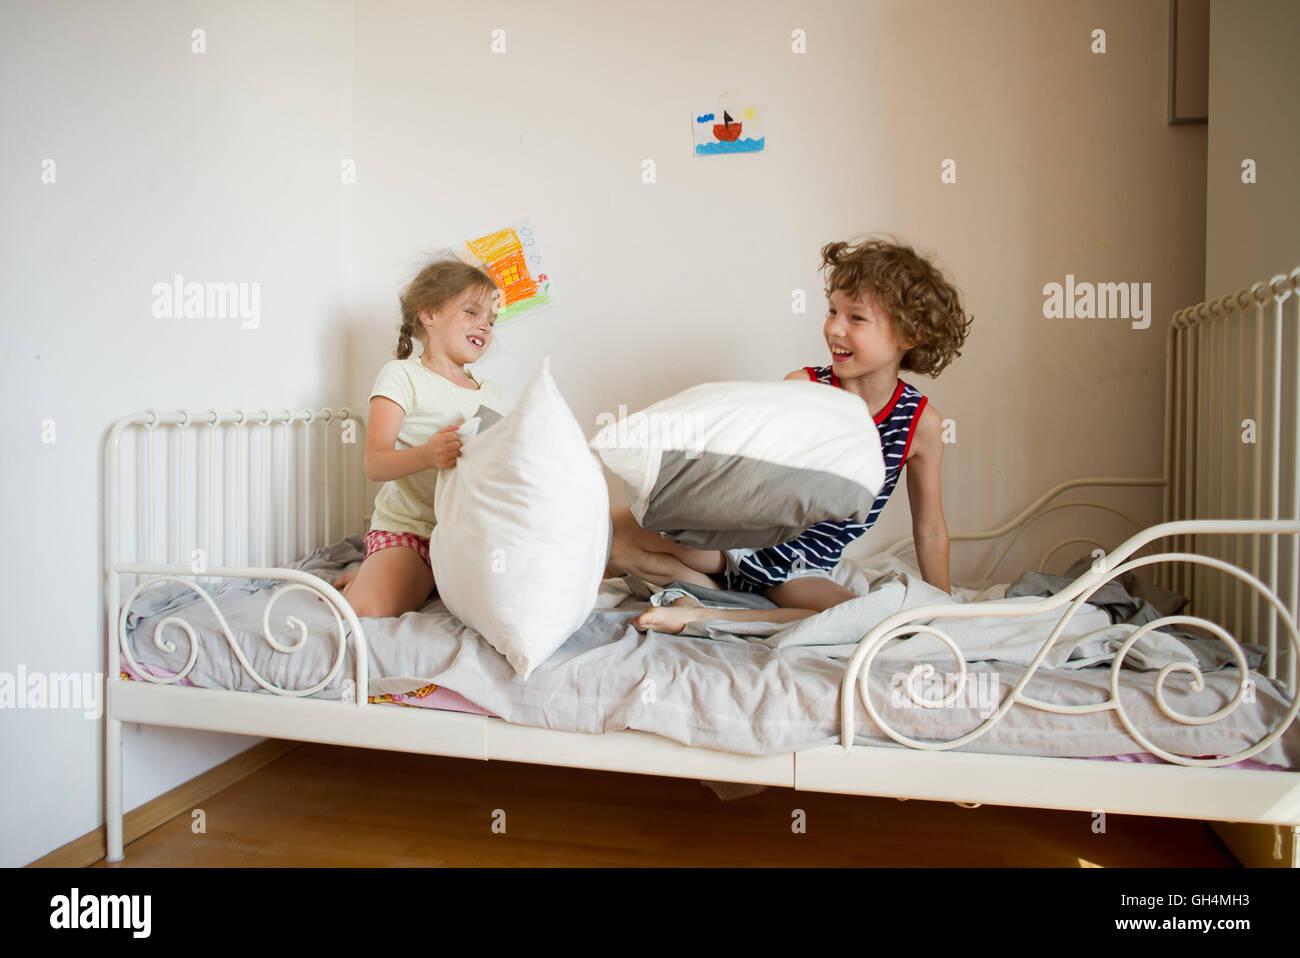 bett auf englisch 17 franz sische betten f r klassisch schlafzimmer bett beziehen englisch. Black Bedroom Furniture Sets. Home Design Ideas